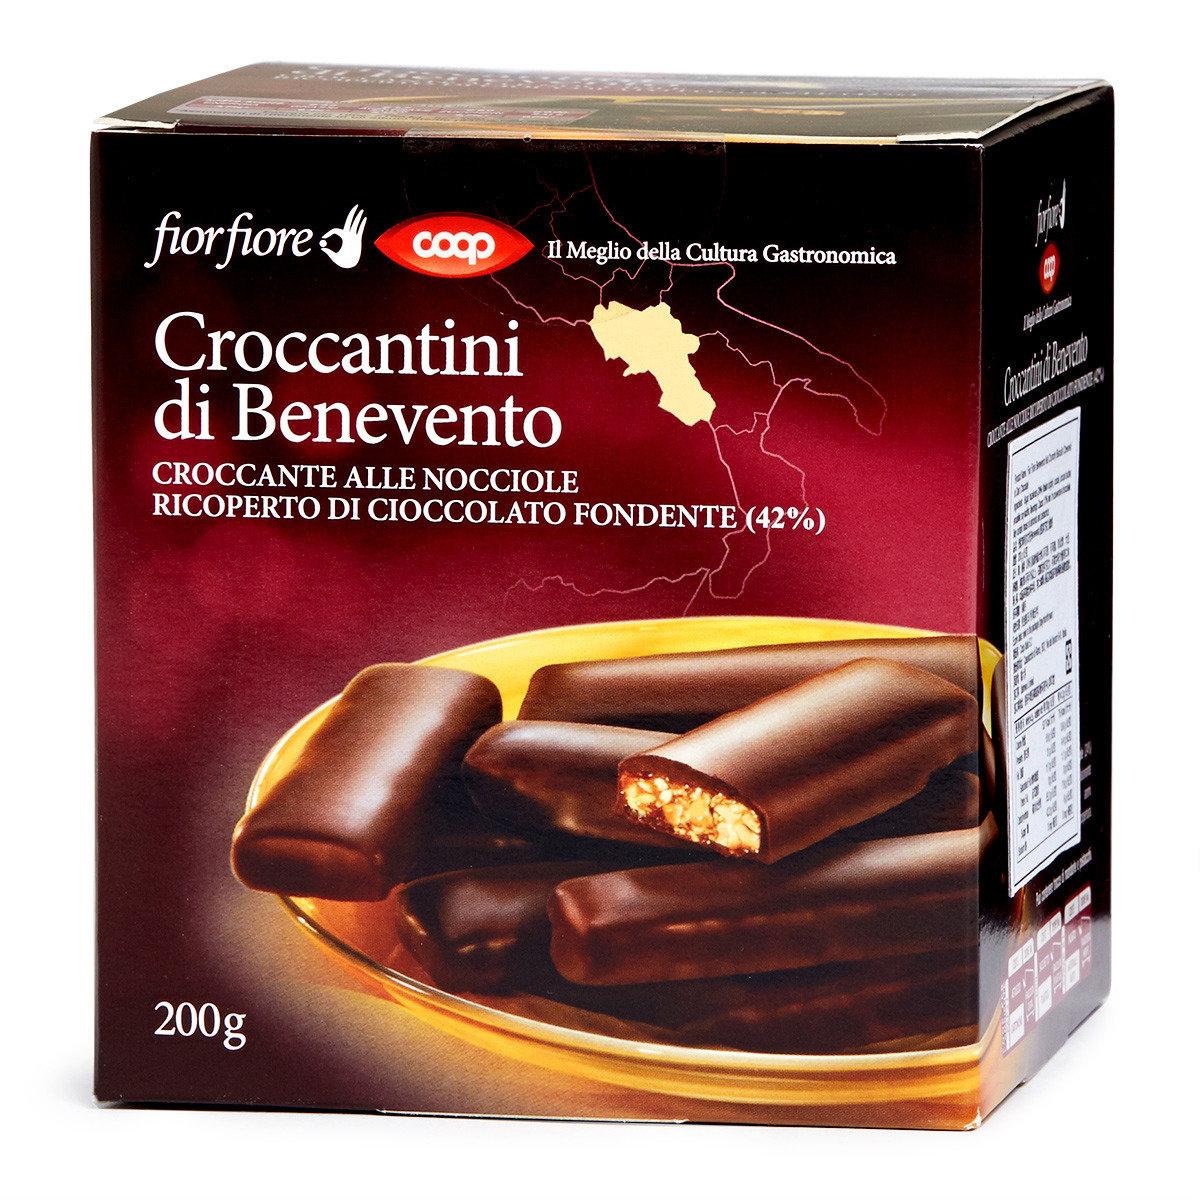 貝內文托堅果黑巧克力脆餅 (賞味期限: 2016年7月31日)